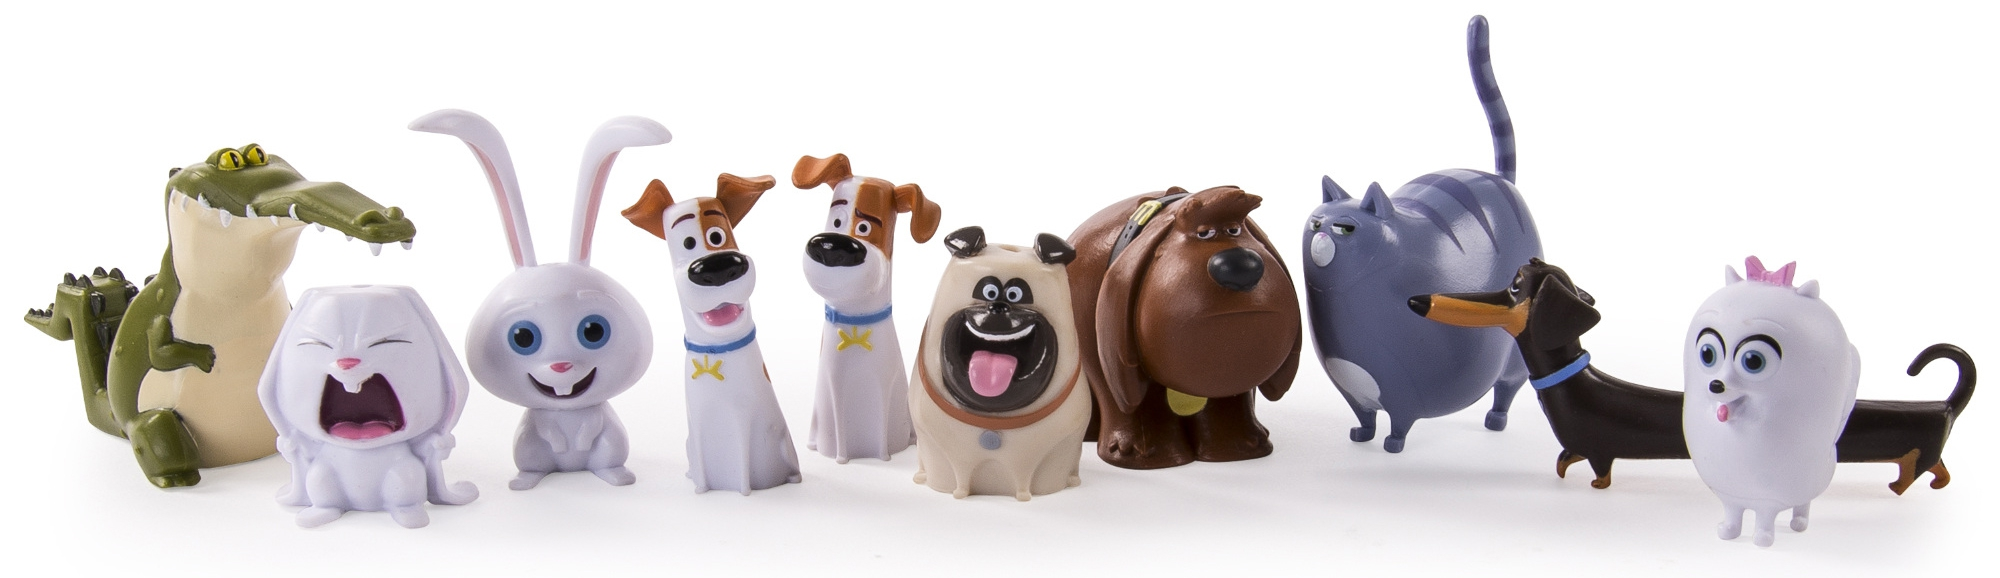 Фигурка Secret Life of Pets Master Secret Life of Pets 72800 Тайная жизнь домашних животных цены